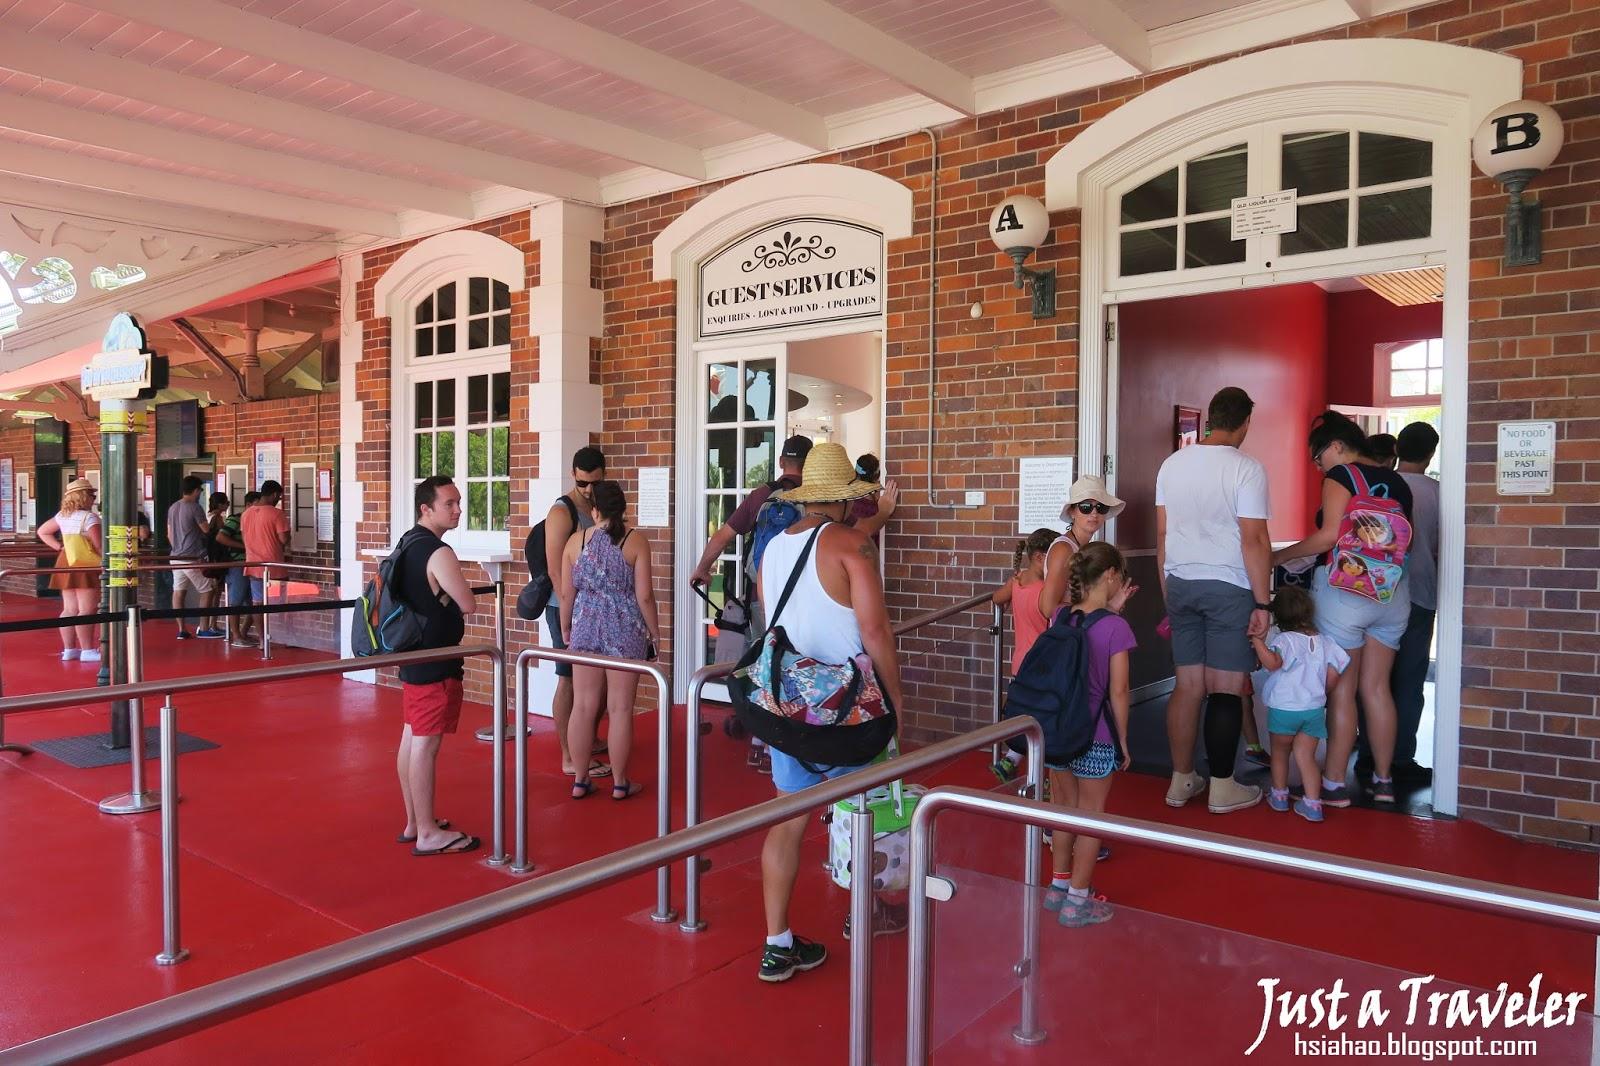 黃金海岸-景點-推薦-夢幻世界-Dream-World-套票-旅遊-自由行-澳洲-Gold-Coast-theme-park-Australia